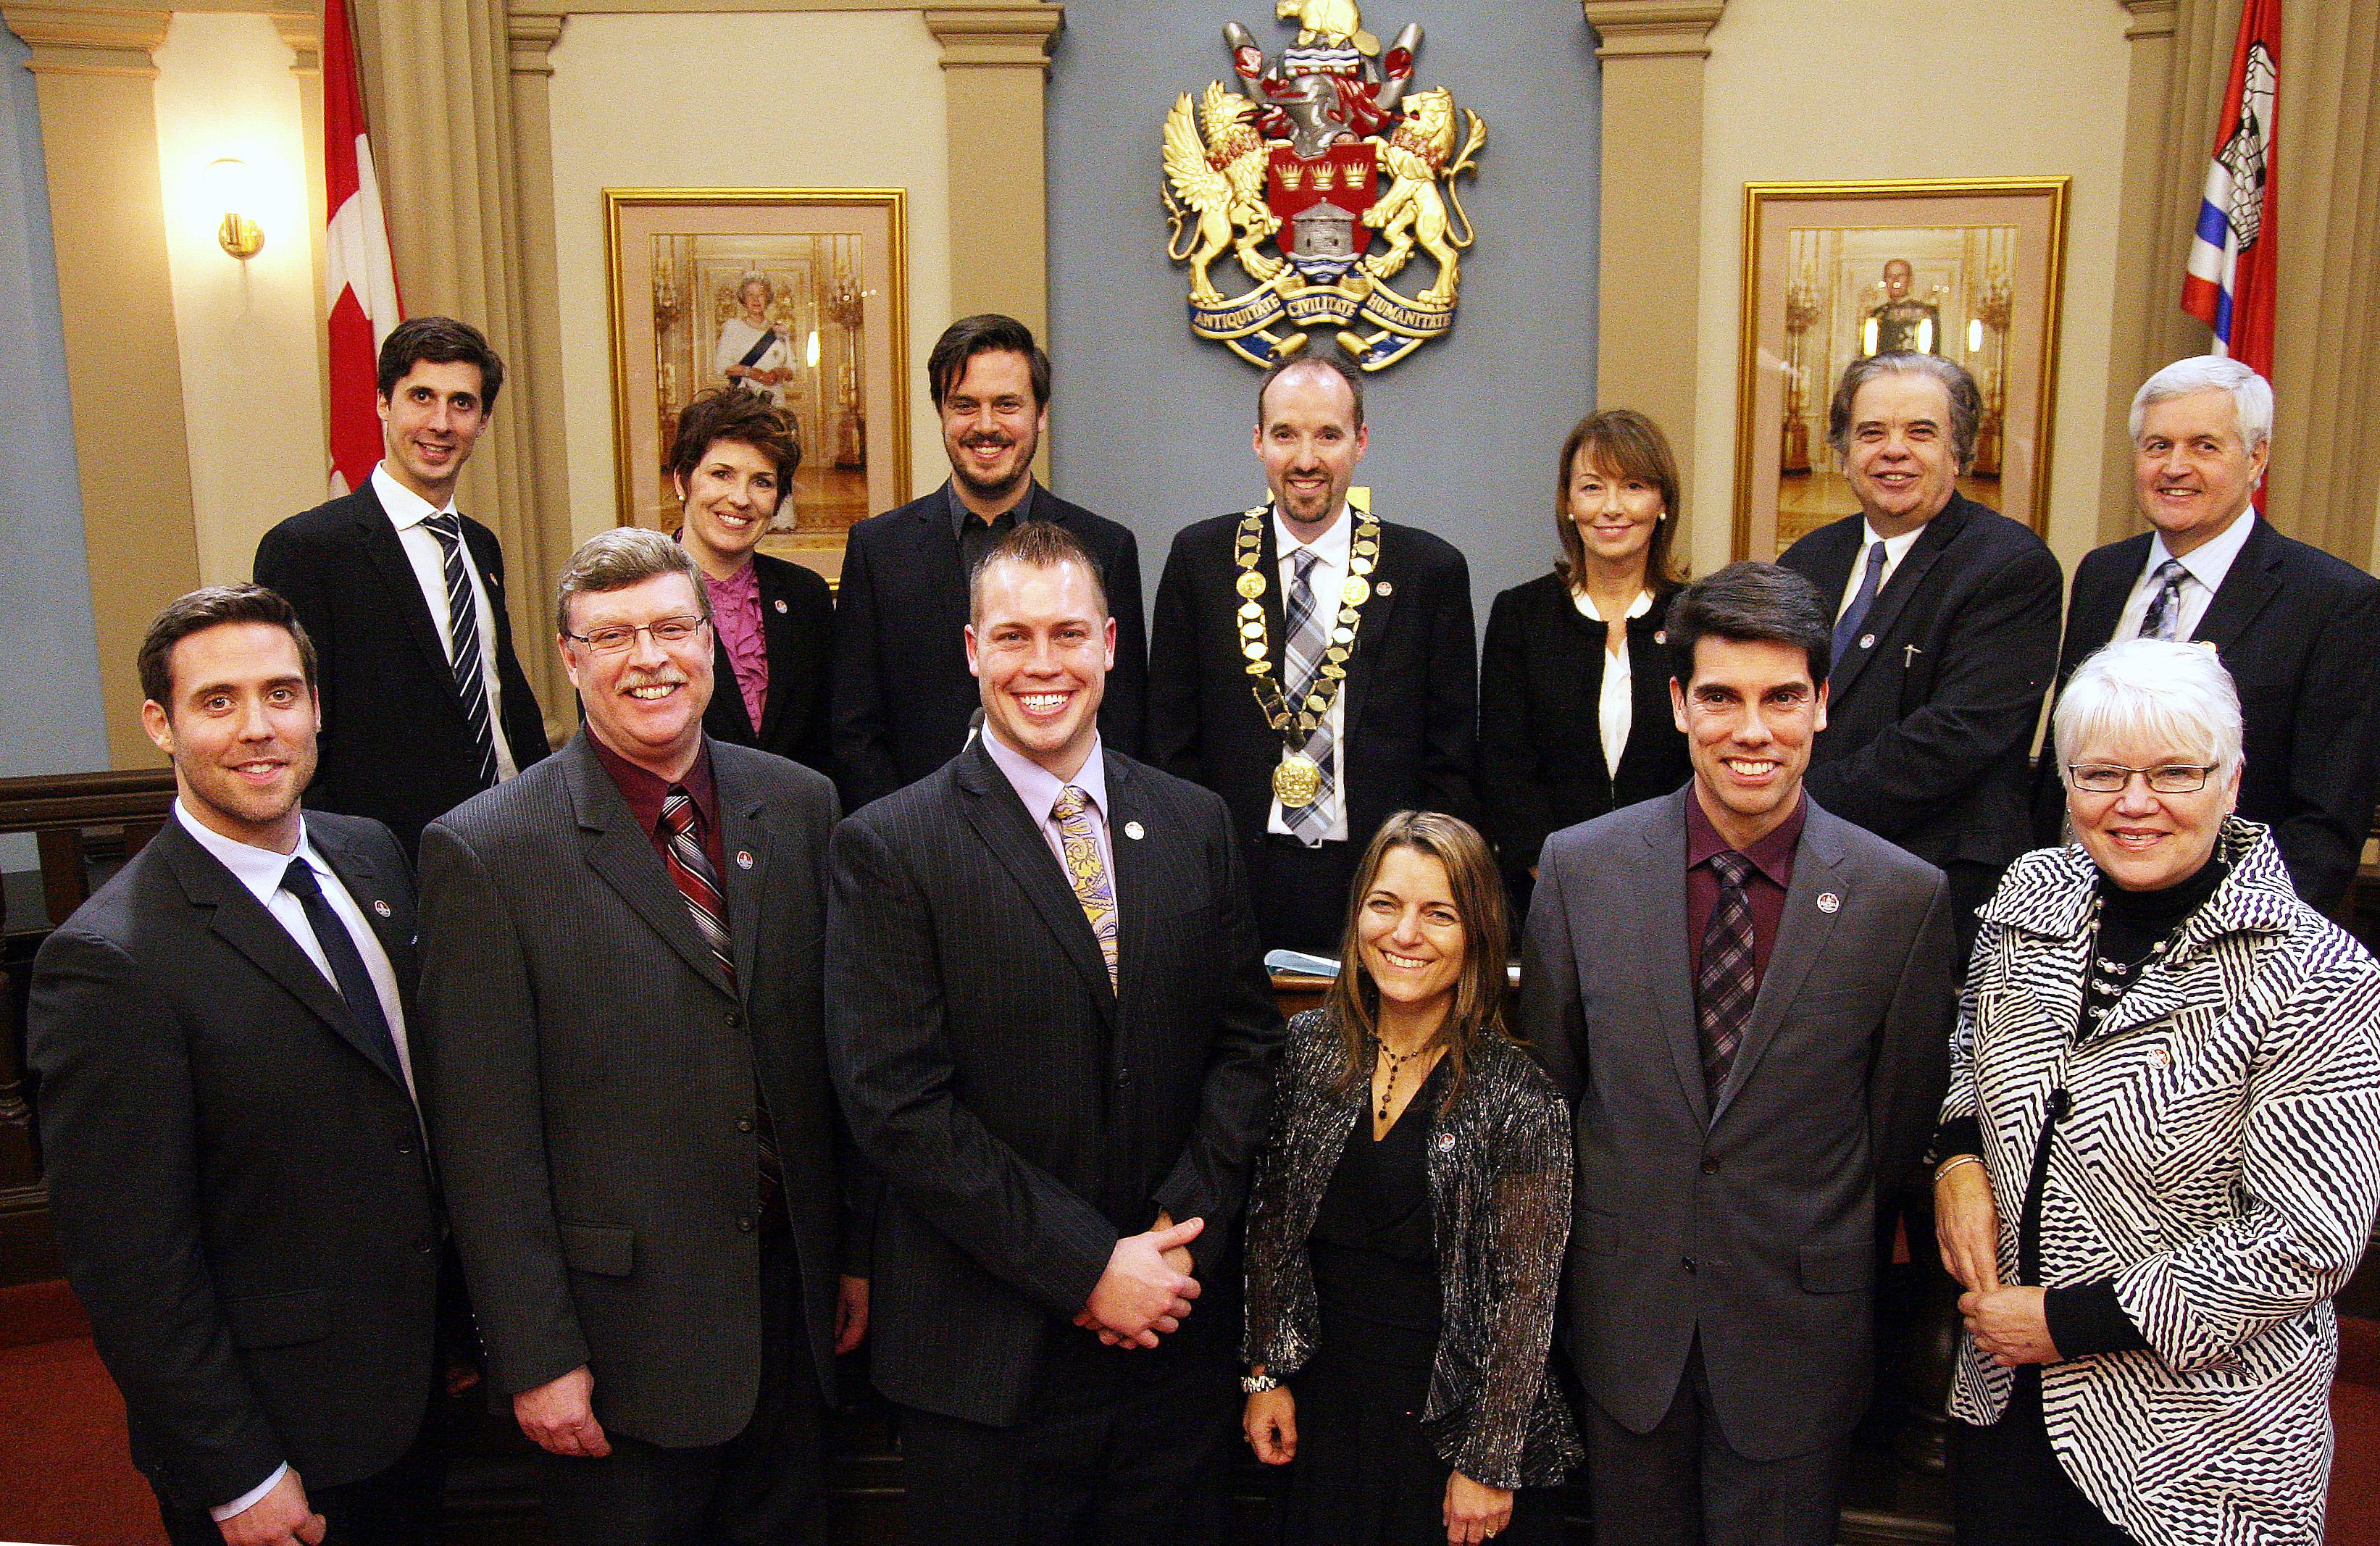 Council - group shot at inaugural council meeting - December 2 2014